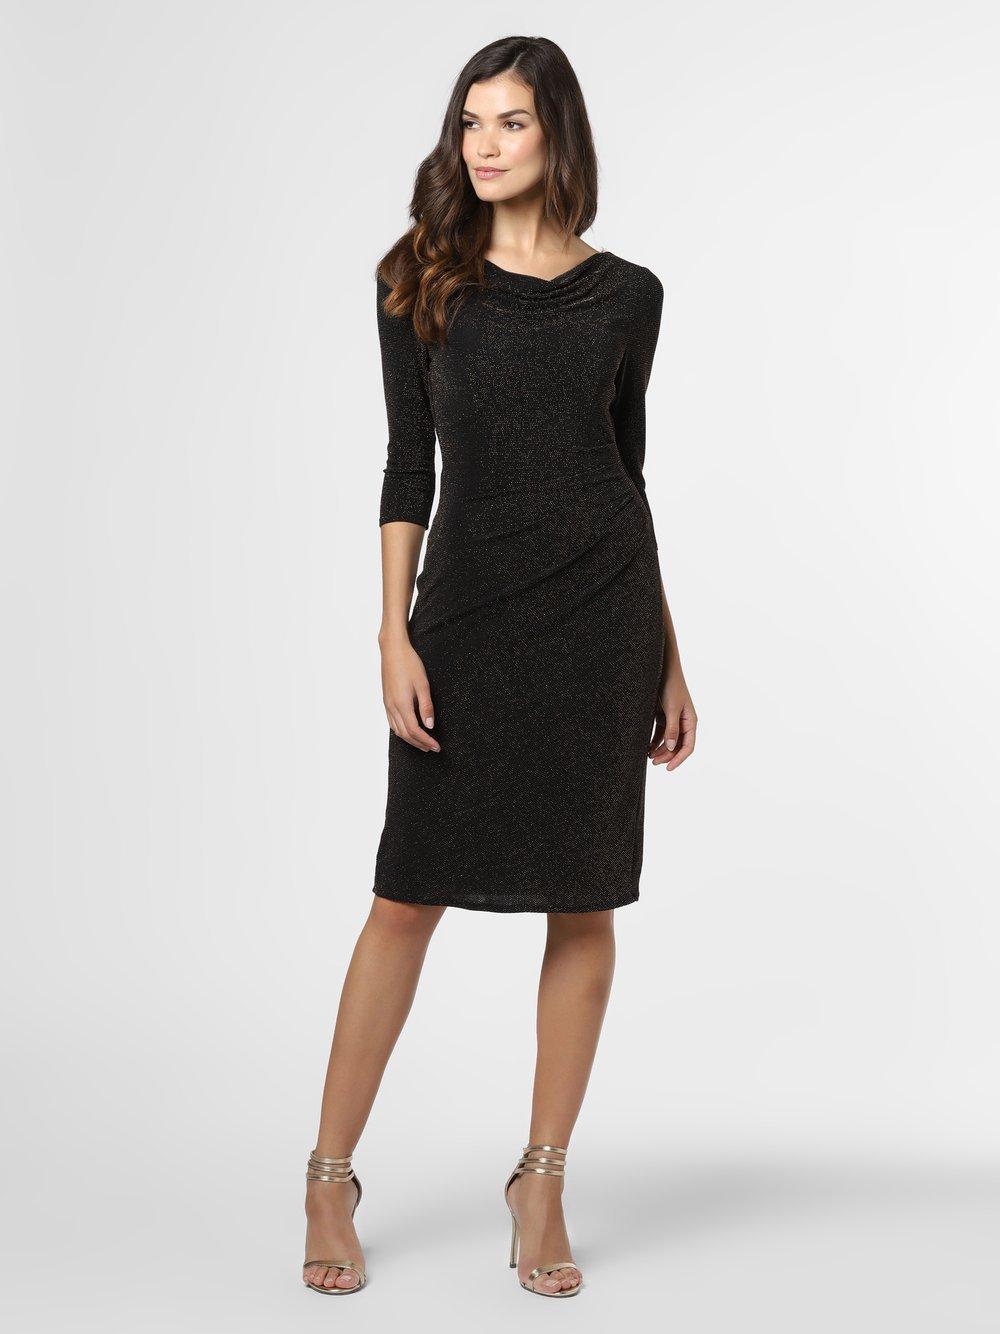 Ambiance – Sukienka damska, czarny Van Graaf 485795-0001-00440